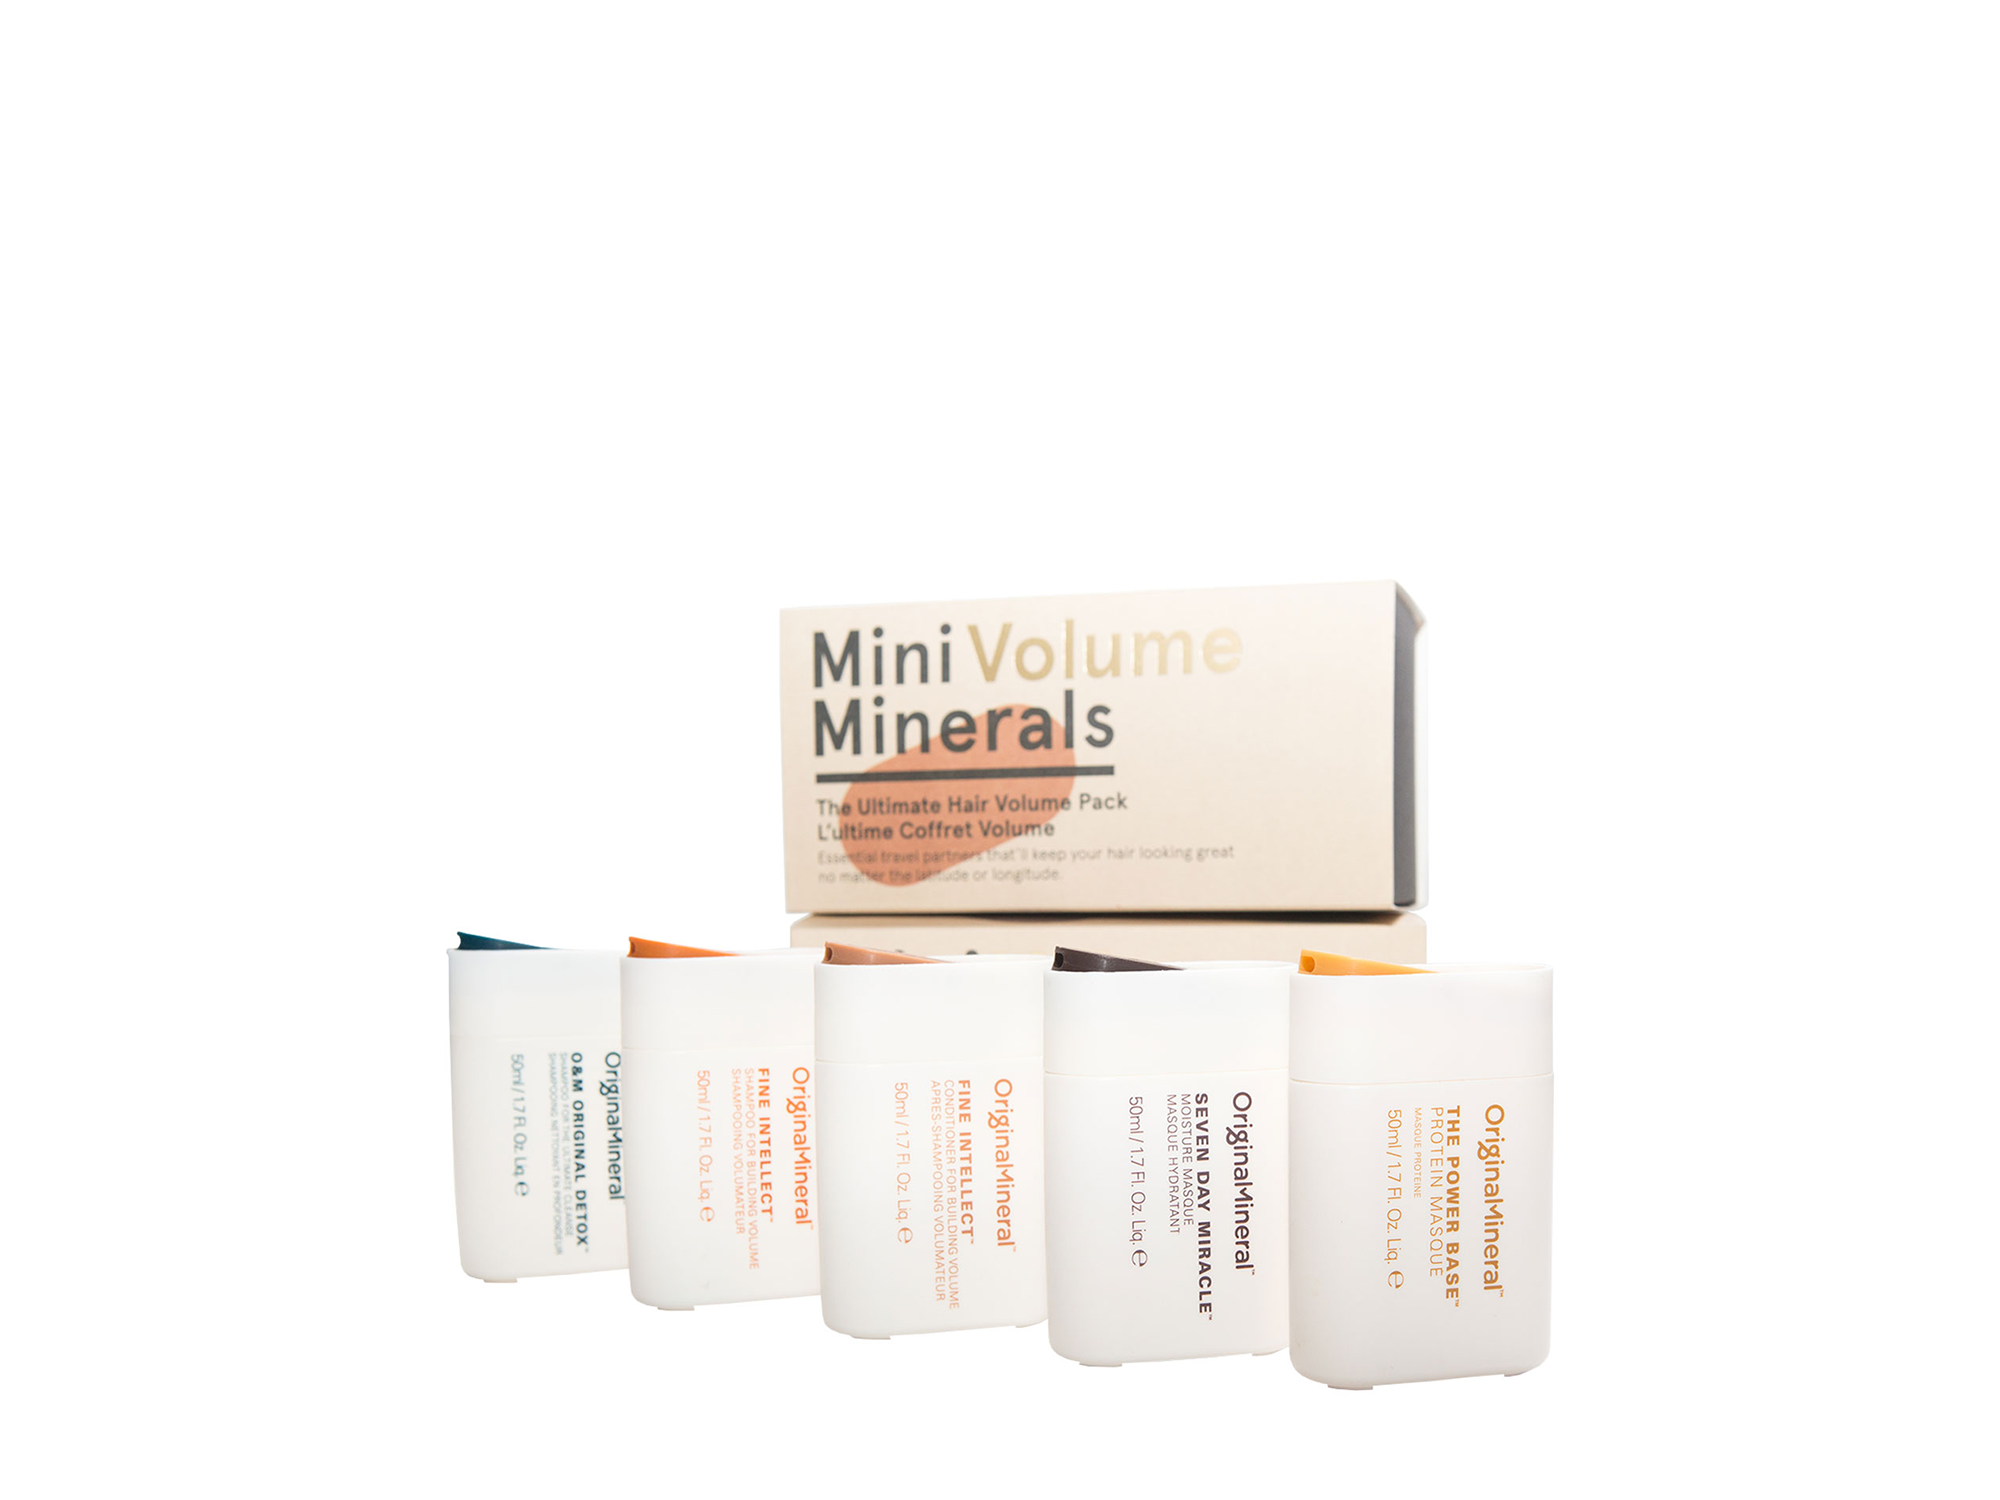 O&M - Original Mineral O&M Mini Volume Minerals Kit - 5x50ml